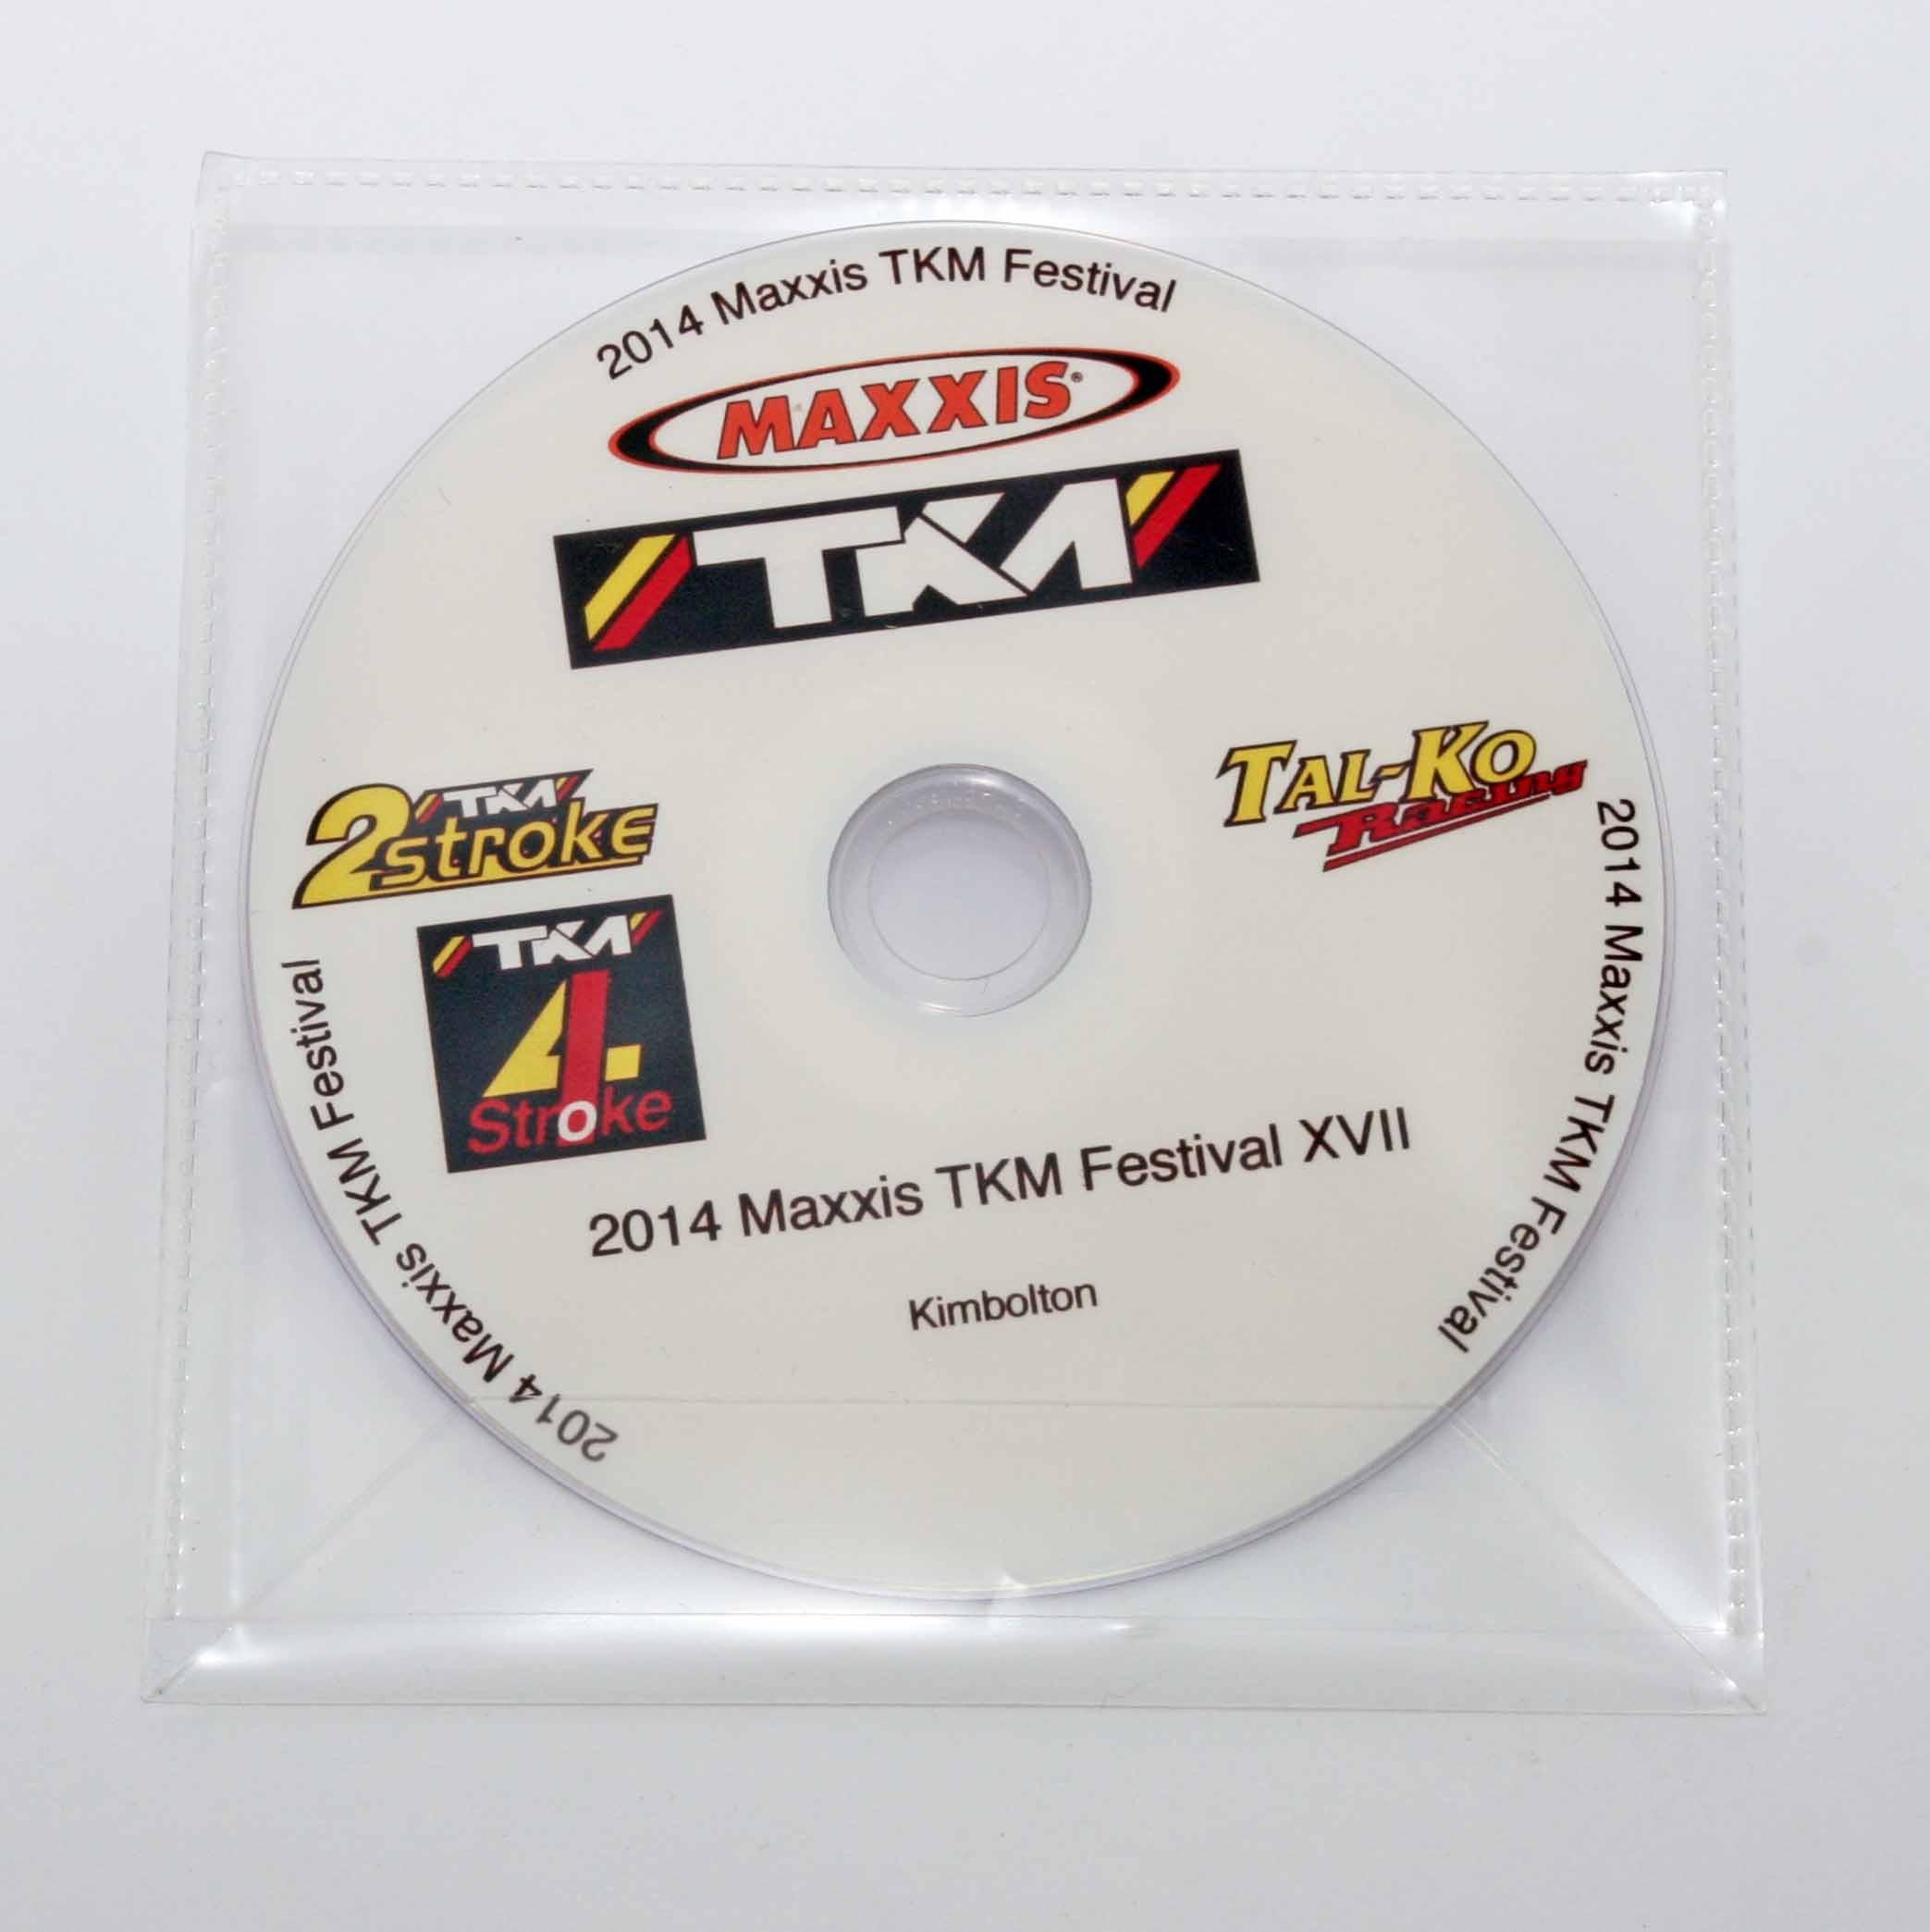 2014 MAXXIS TKM FESTIVAL DVD